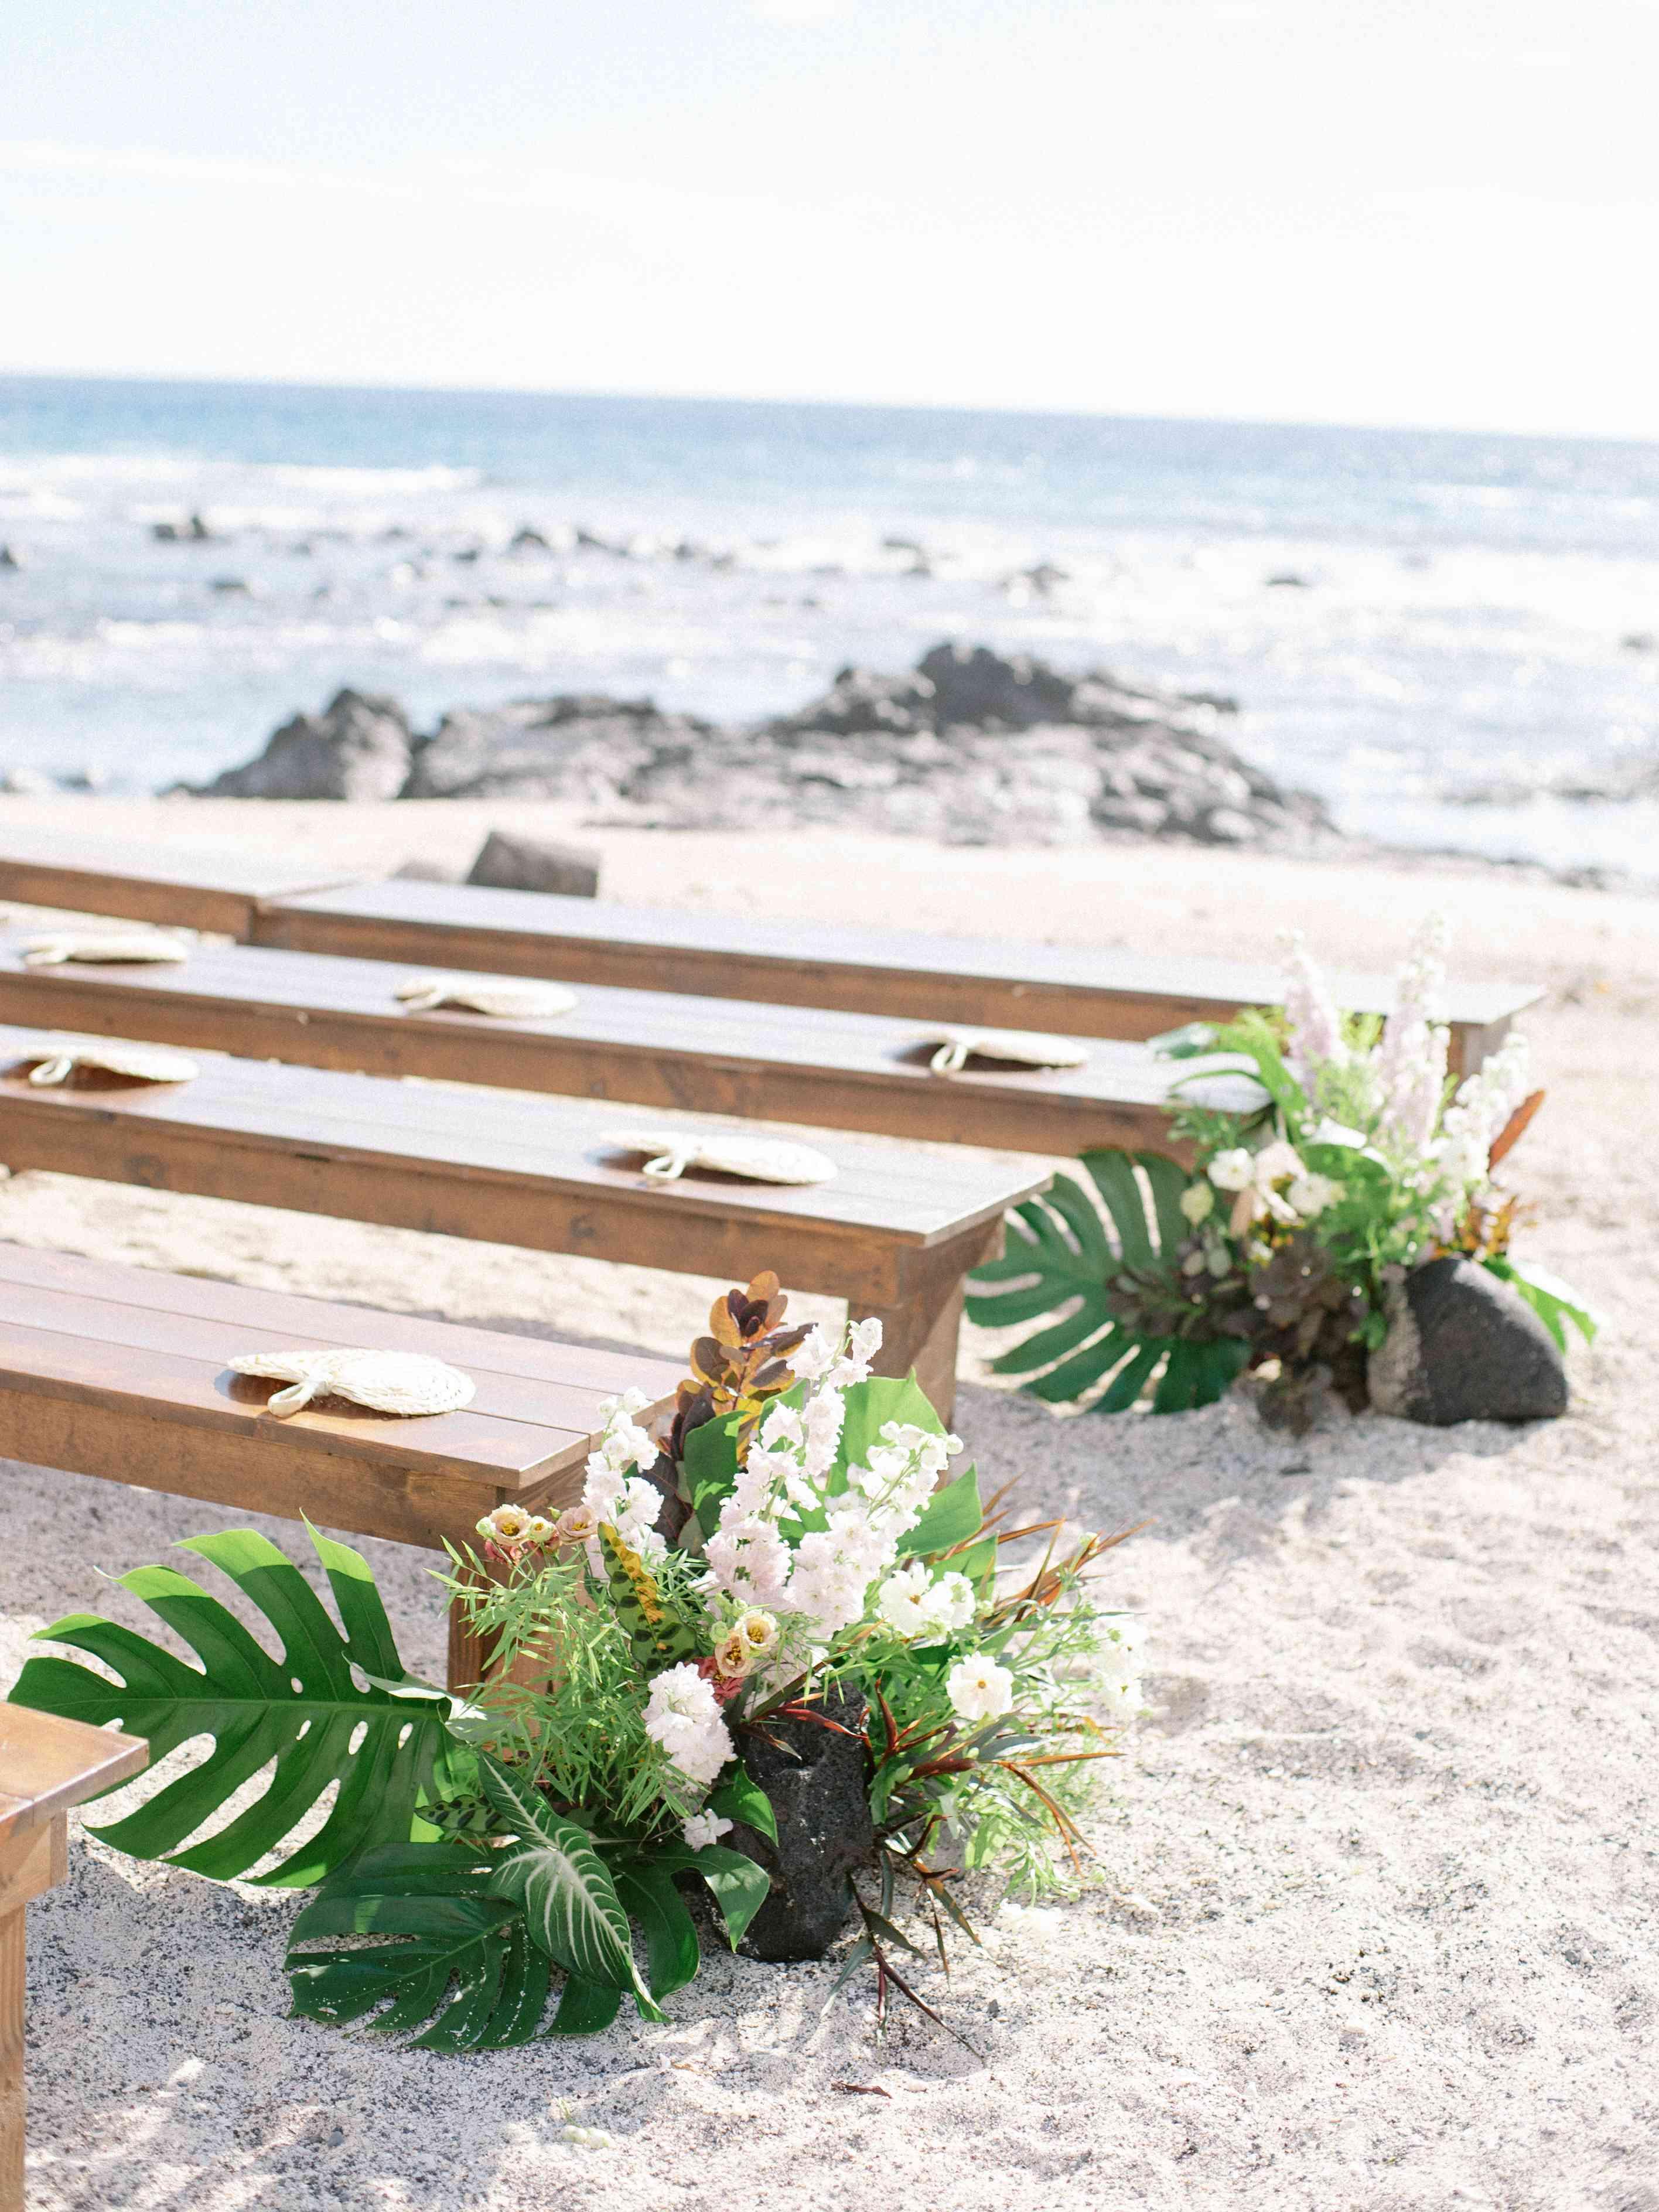 Tropical floral arrangements detail